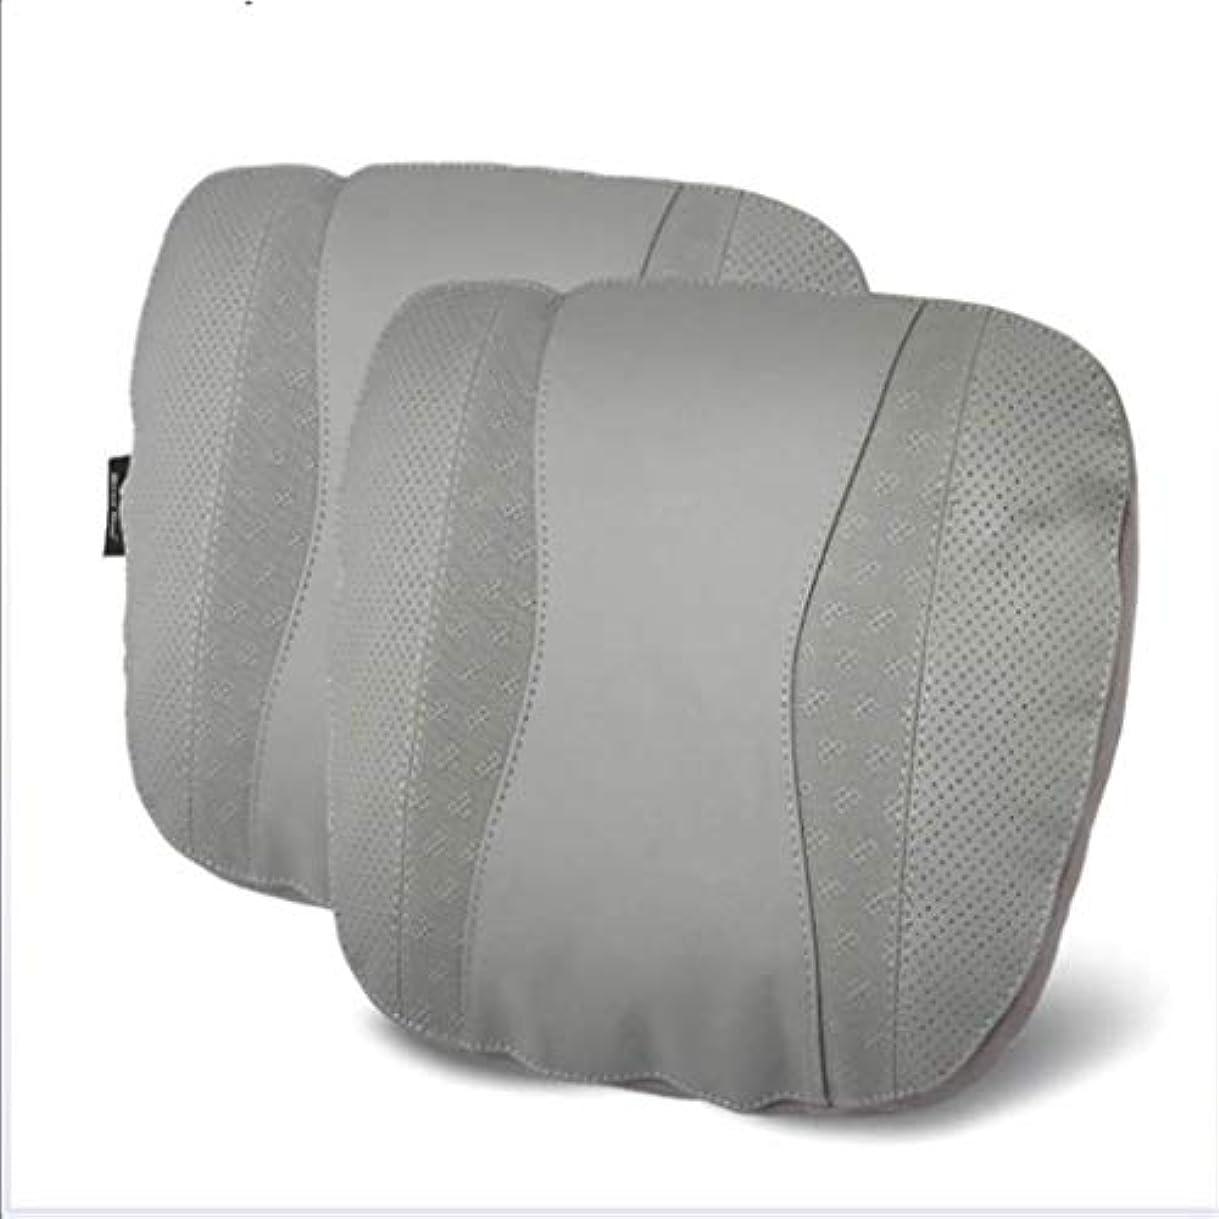 帰する豊かにする療法ネックピロー、カーシートネックピロー、トラベルピローネックパッド、カーネックピローサポートピローとして使用、航空機のネックピロー、首の疲れを和らげる (Color : Gray)